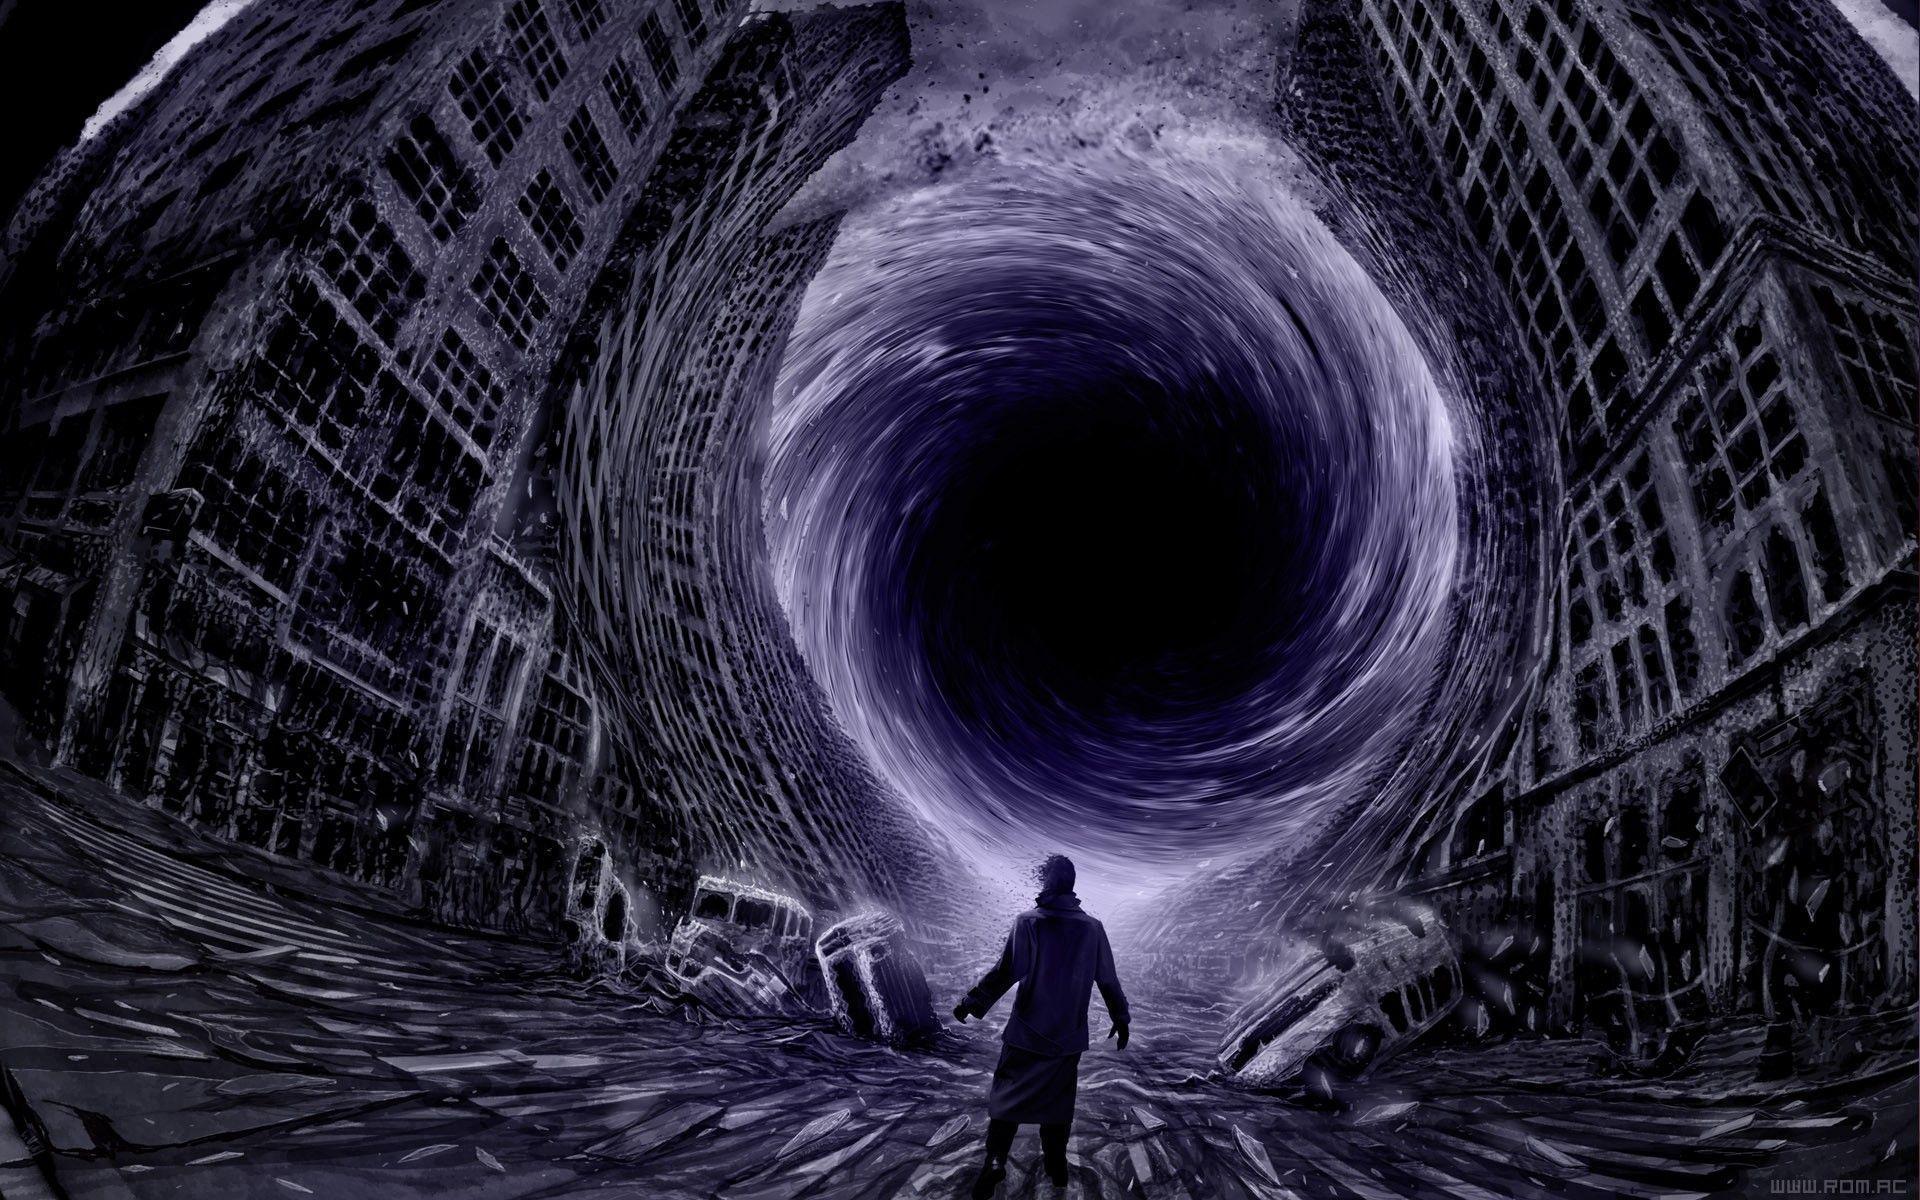 Black Hole Wallpaper 25   1920 X 1200 stmednet 1920x1200